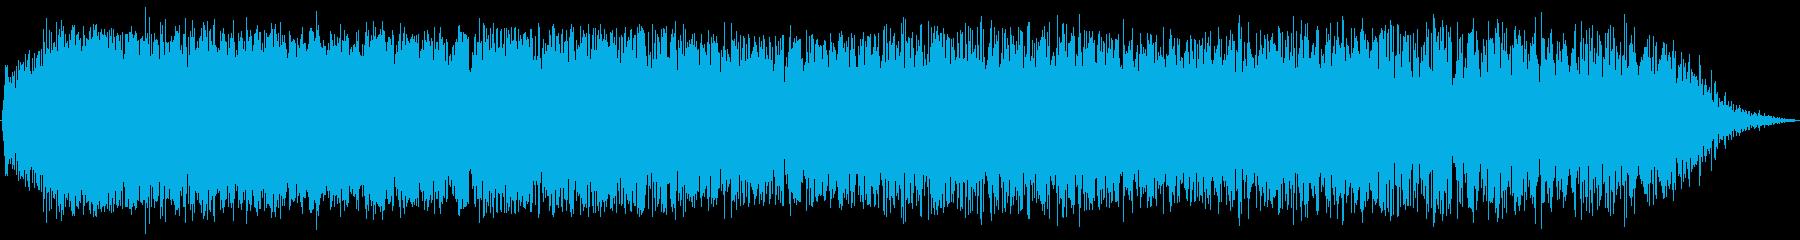 ビッグスイープの再生済みの波形